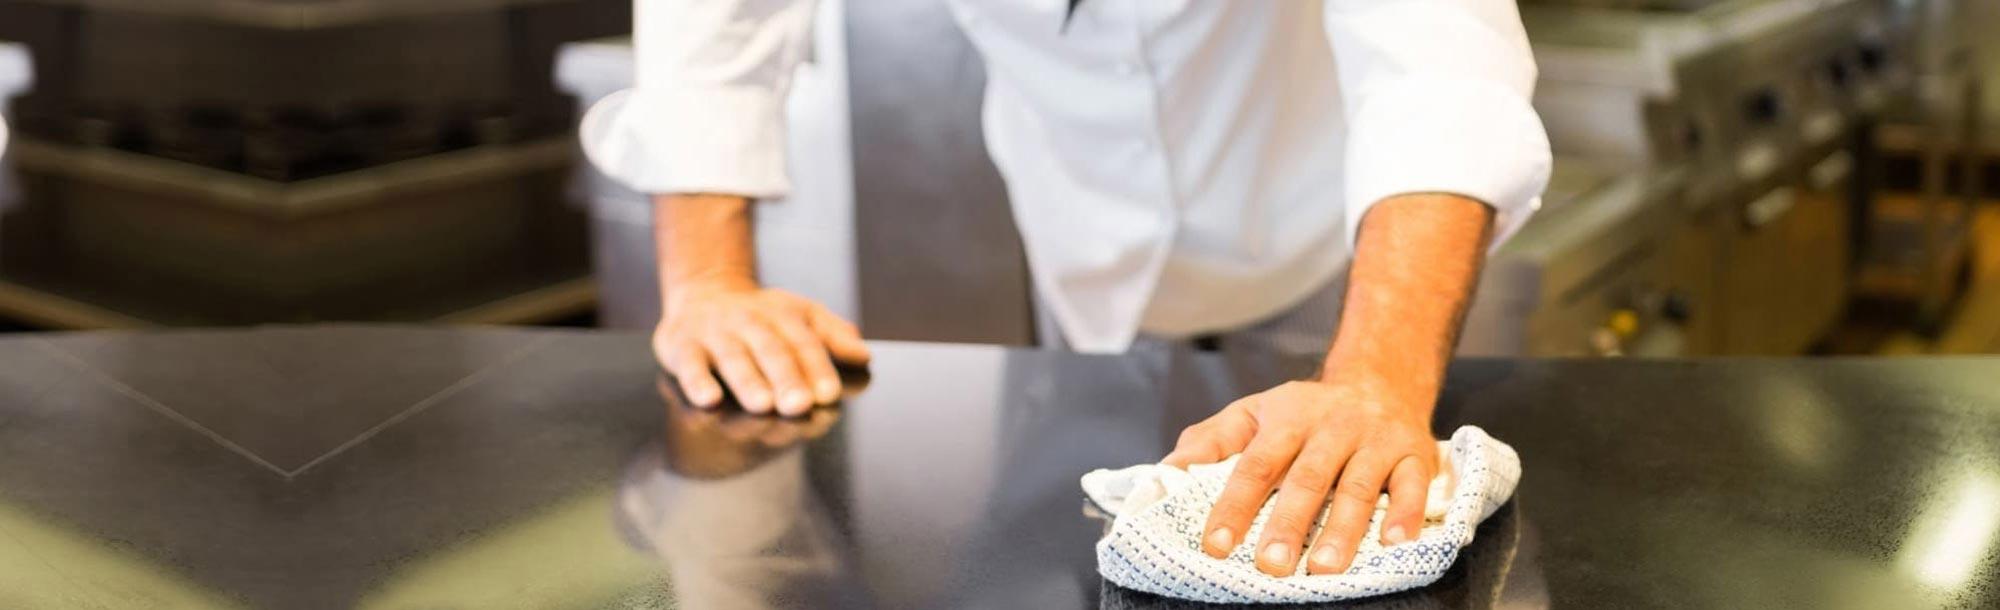 Reinigungsmittel für die Gastronomie